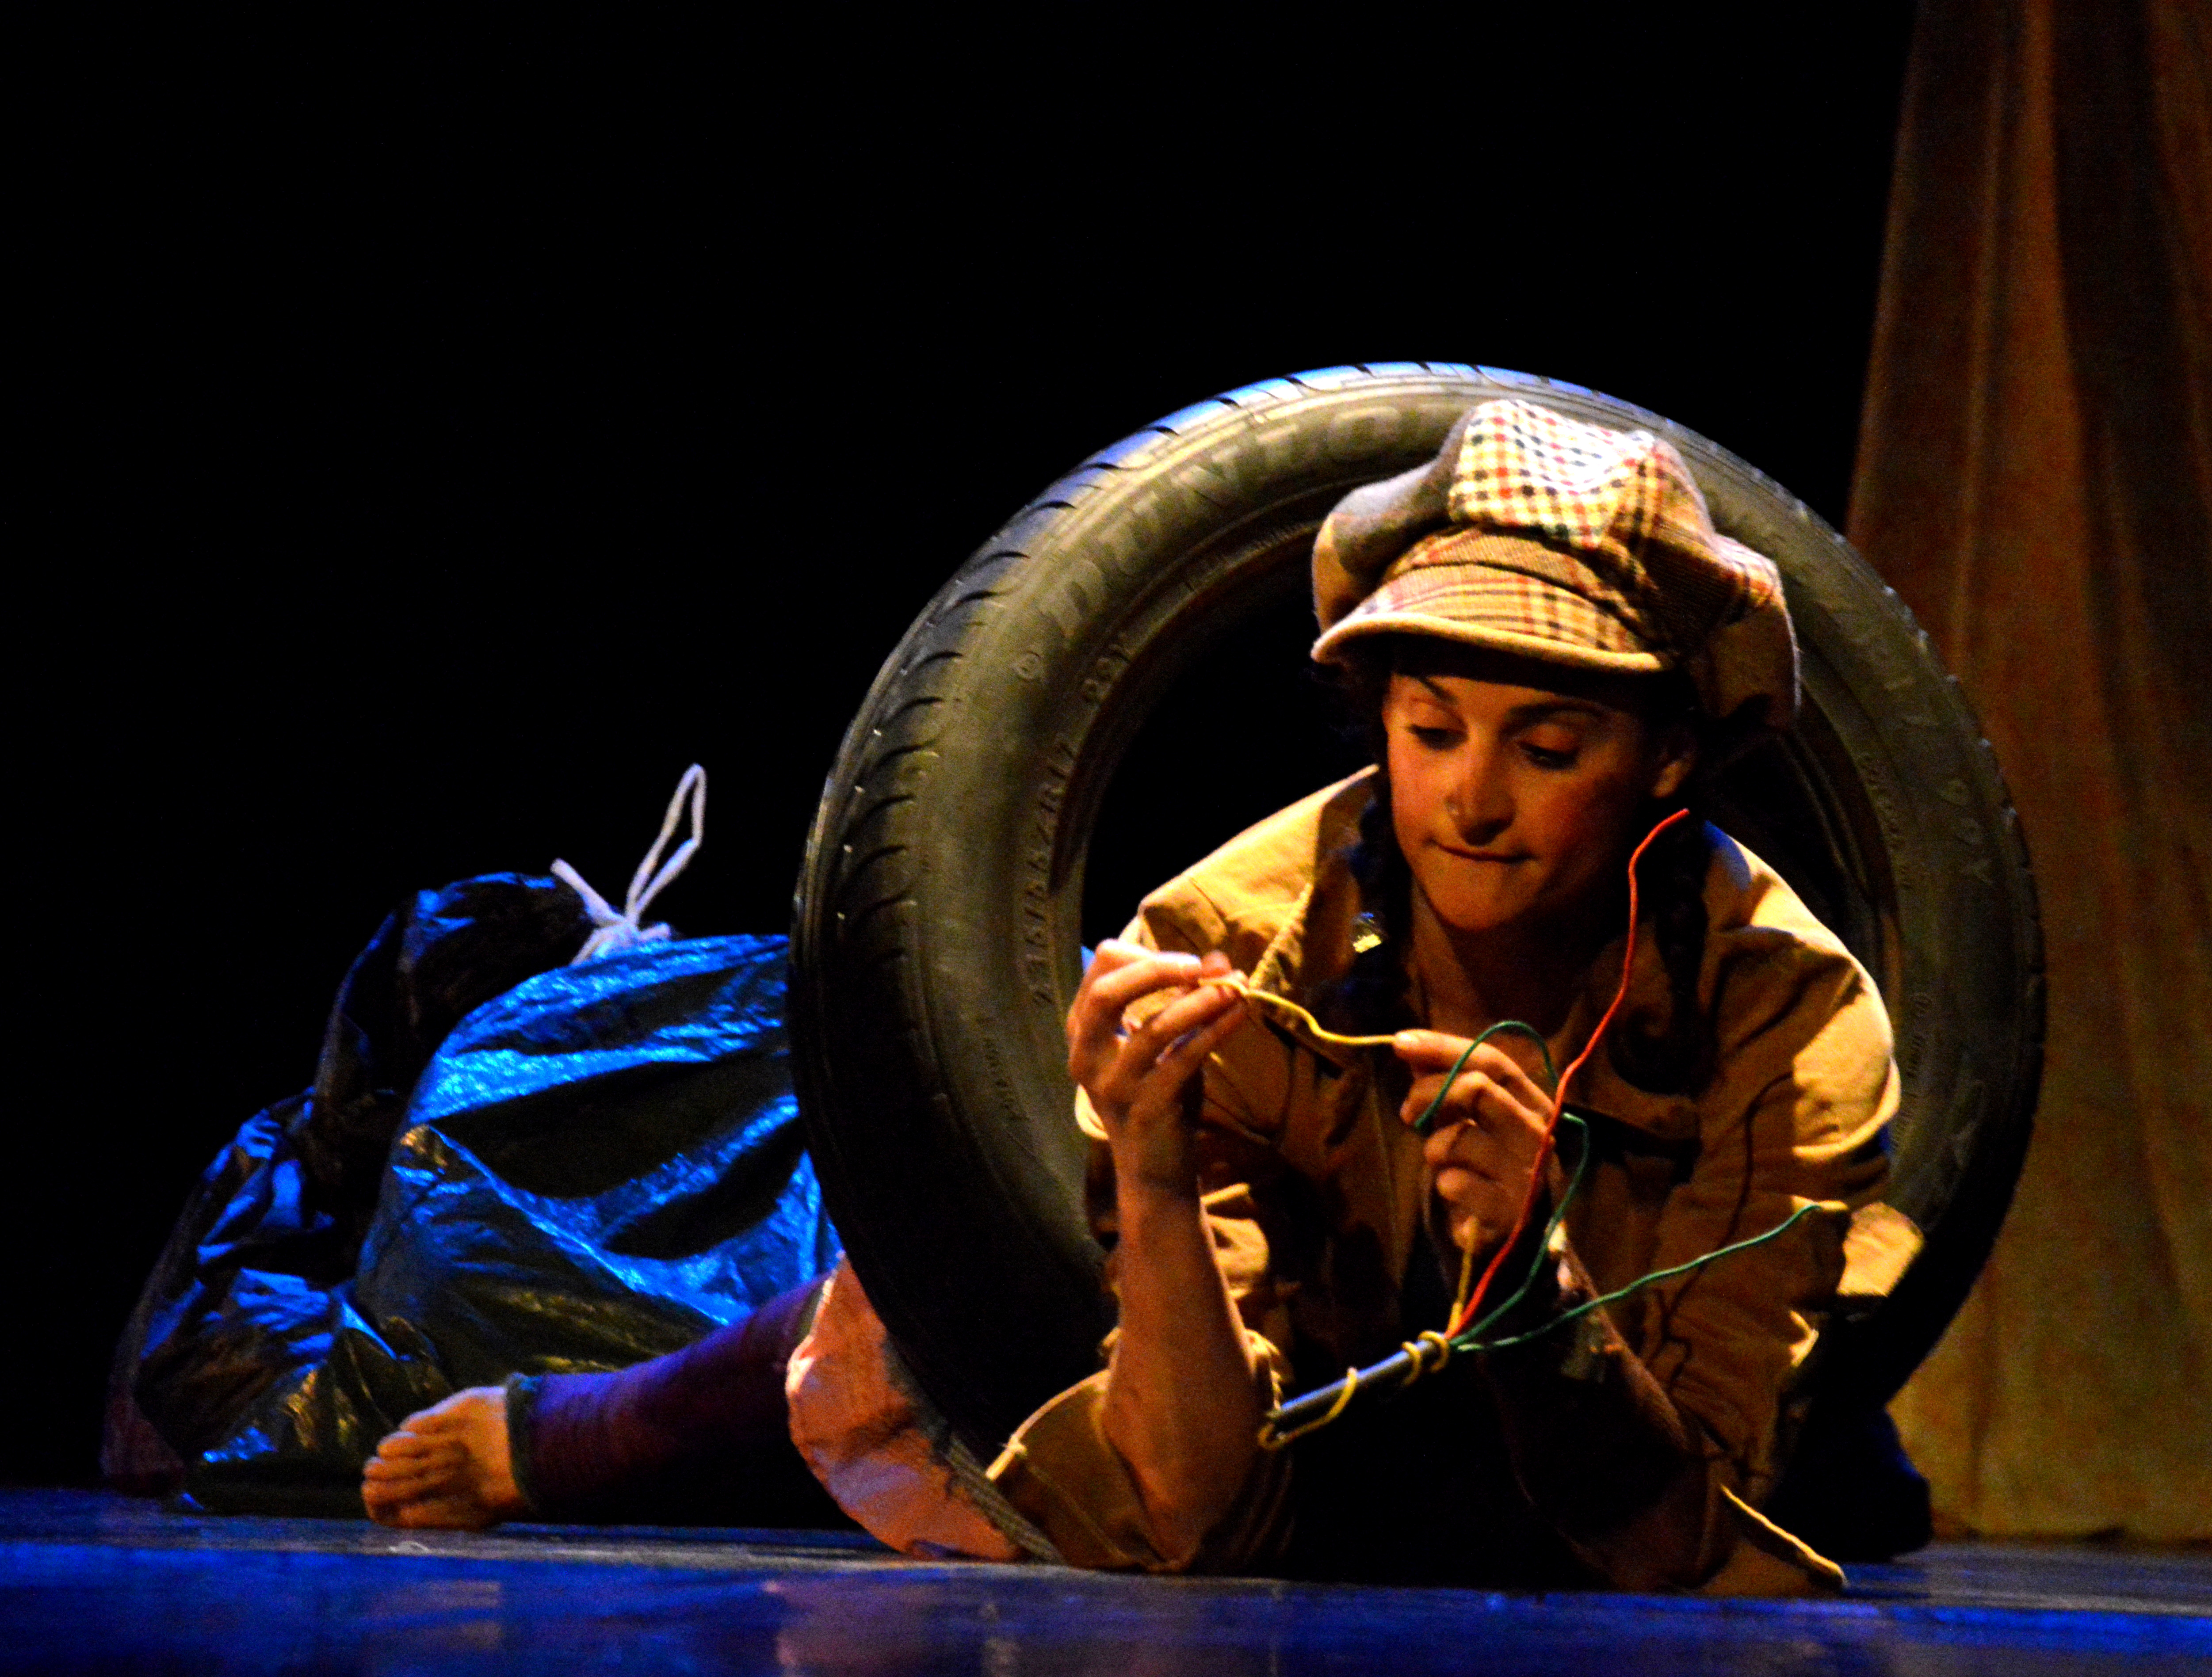 Violaine_ARROUY_-_Théâtre_St_Louis_-_Fleurs